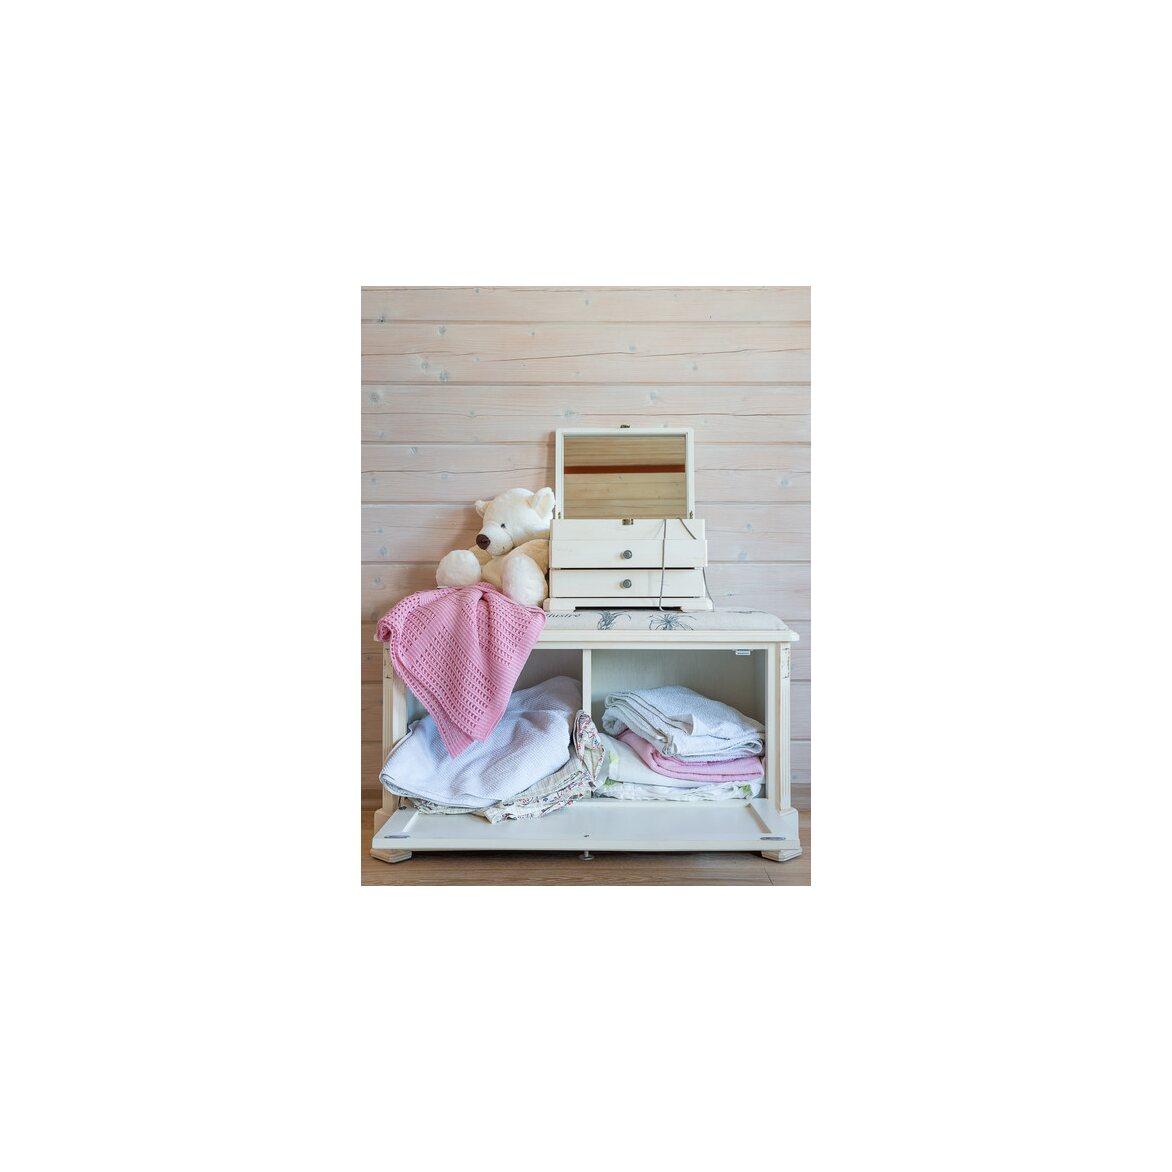 Ящик — сундук — пуфик с мягким сиденьем белый с гобеленовой тканью ST9393 А(белый) 2 | Пуфы Kingsby